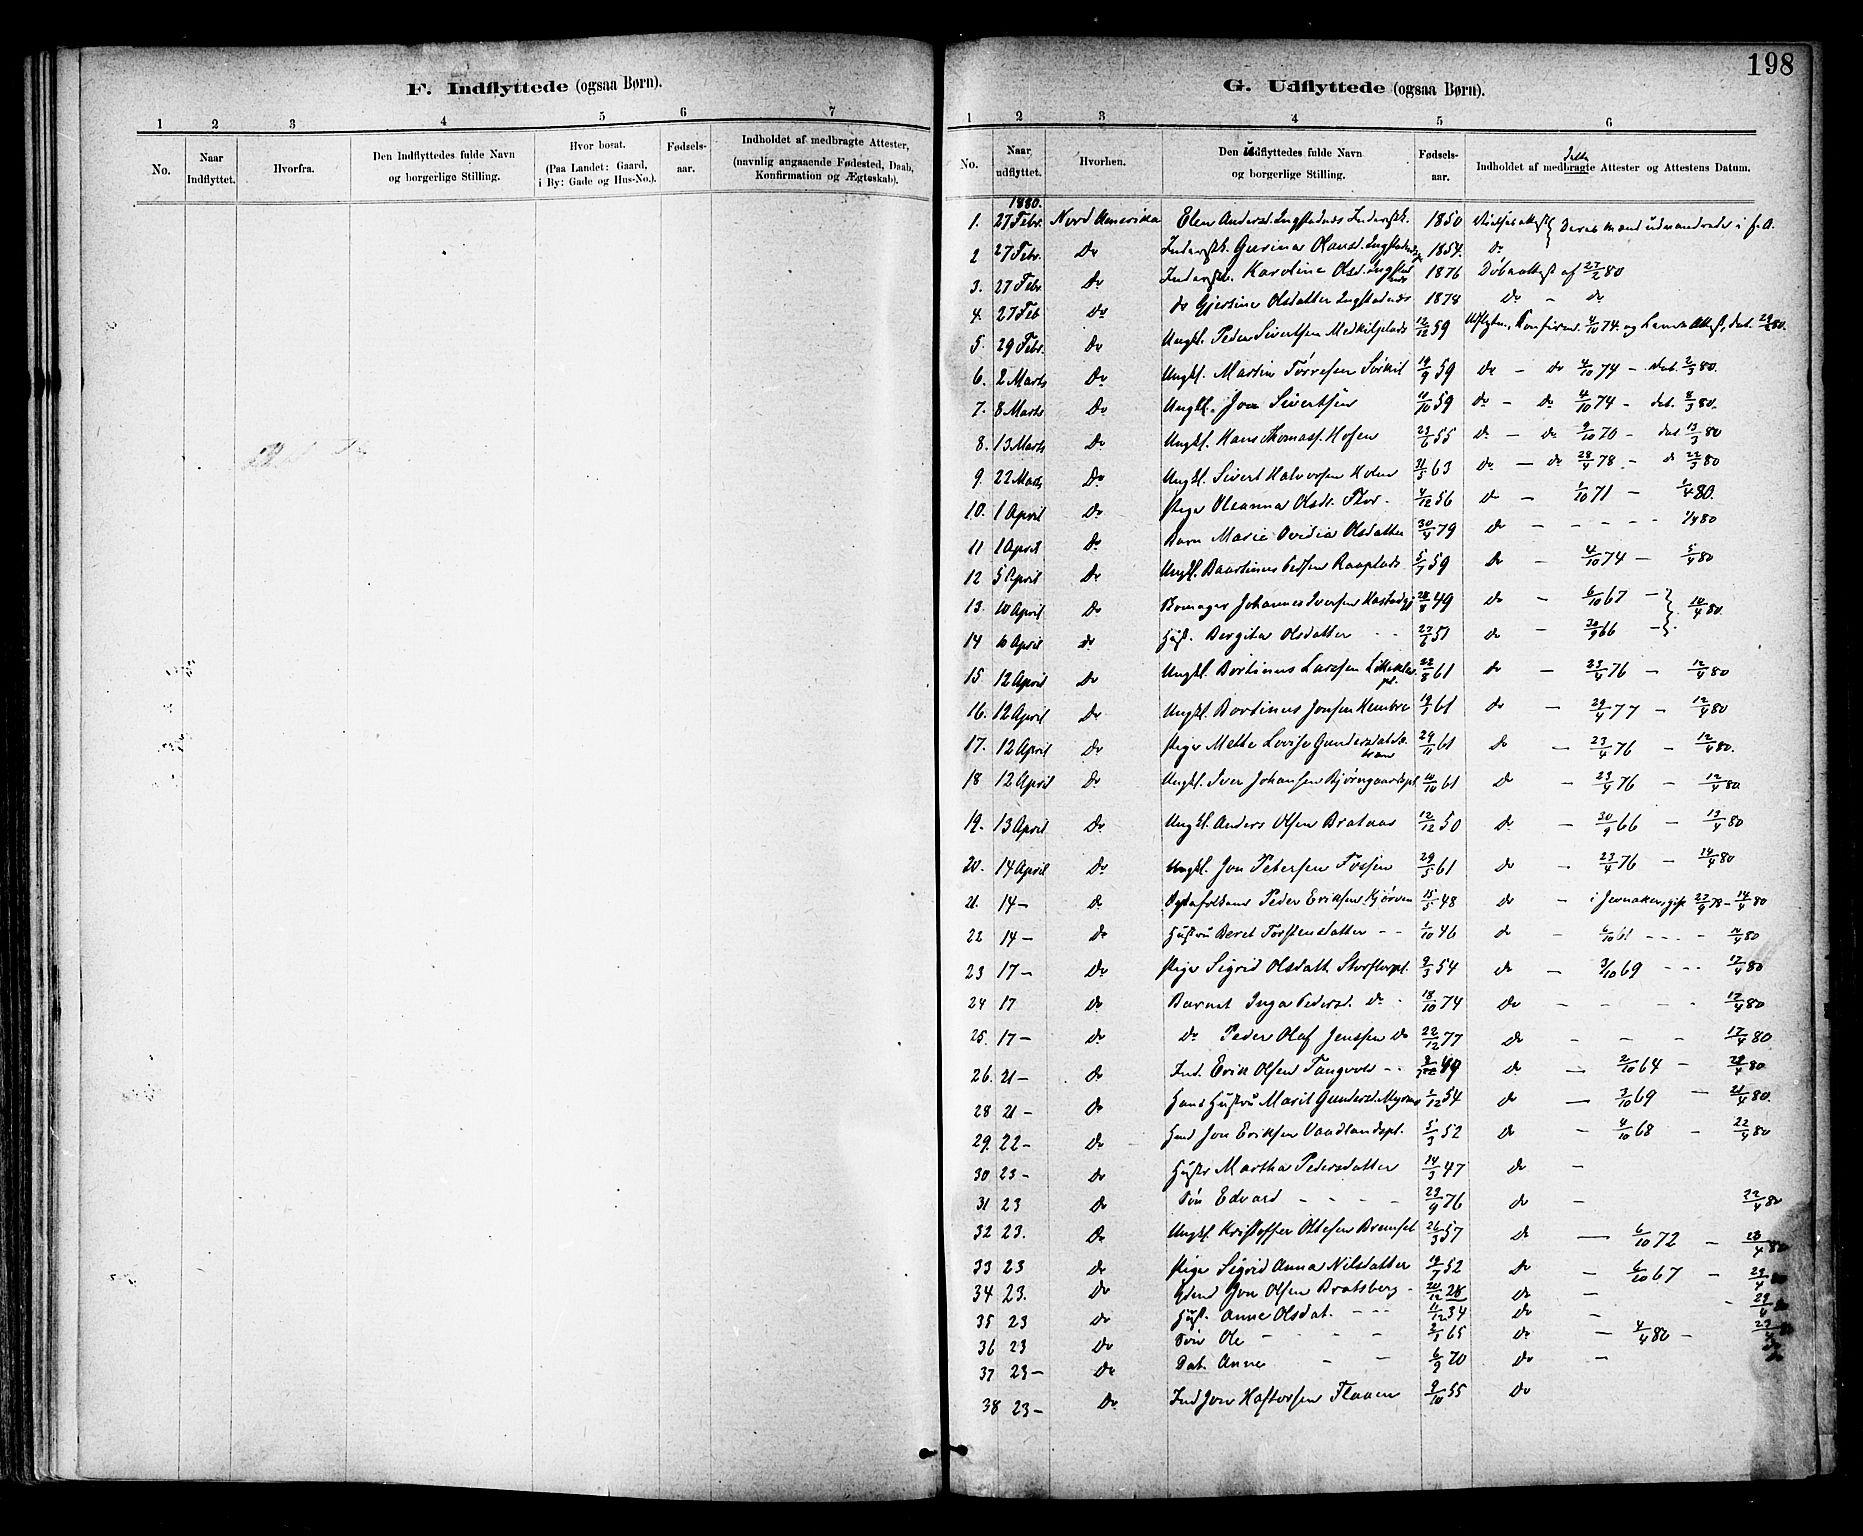 SAT, Ministerialprotokoller, klokkerbøker og fødselsregistre - Nord-Trøndelag, 703/L0030: Parish register (official) no. 703A03, 1880-1892, p. 198